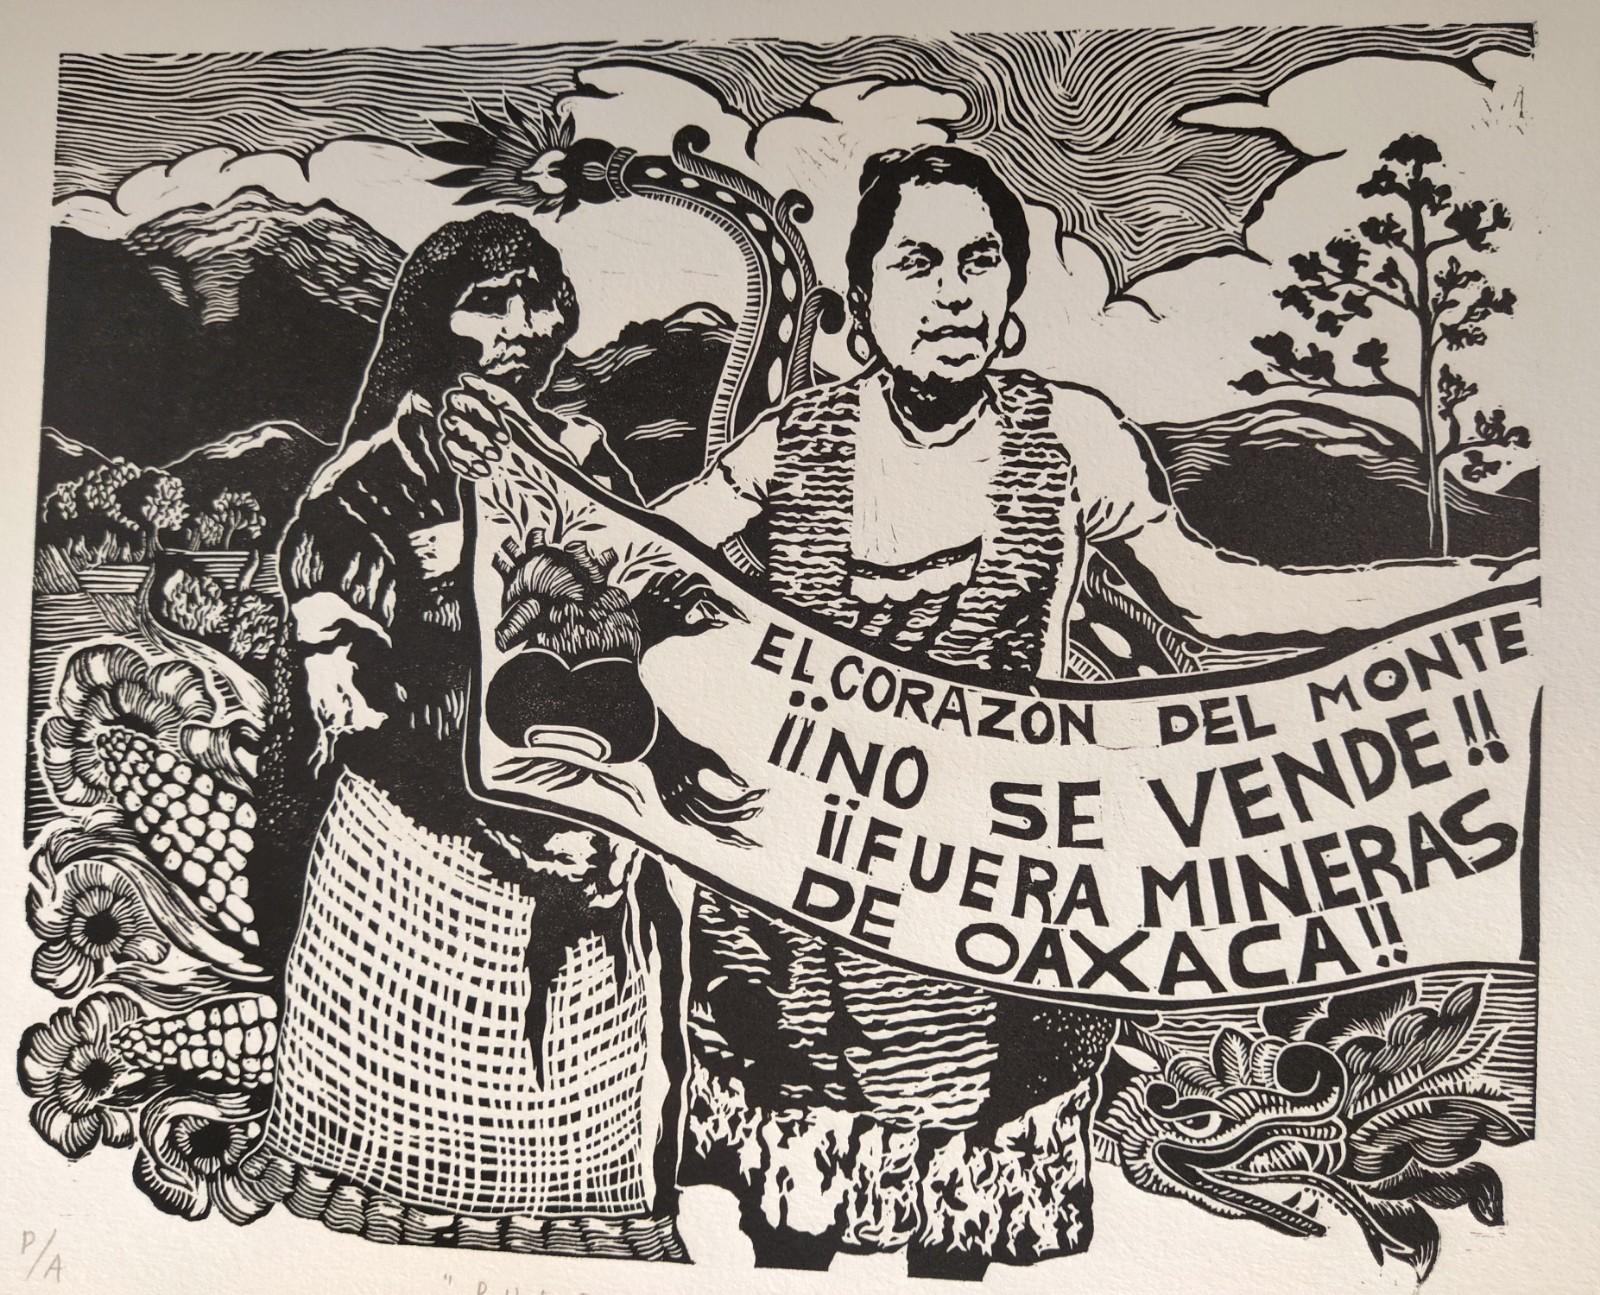 Pueblo Zapoteco (2019) - Gabriela Morac